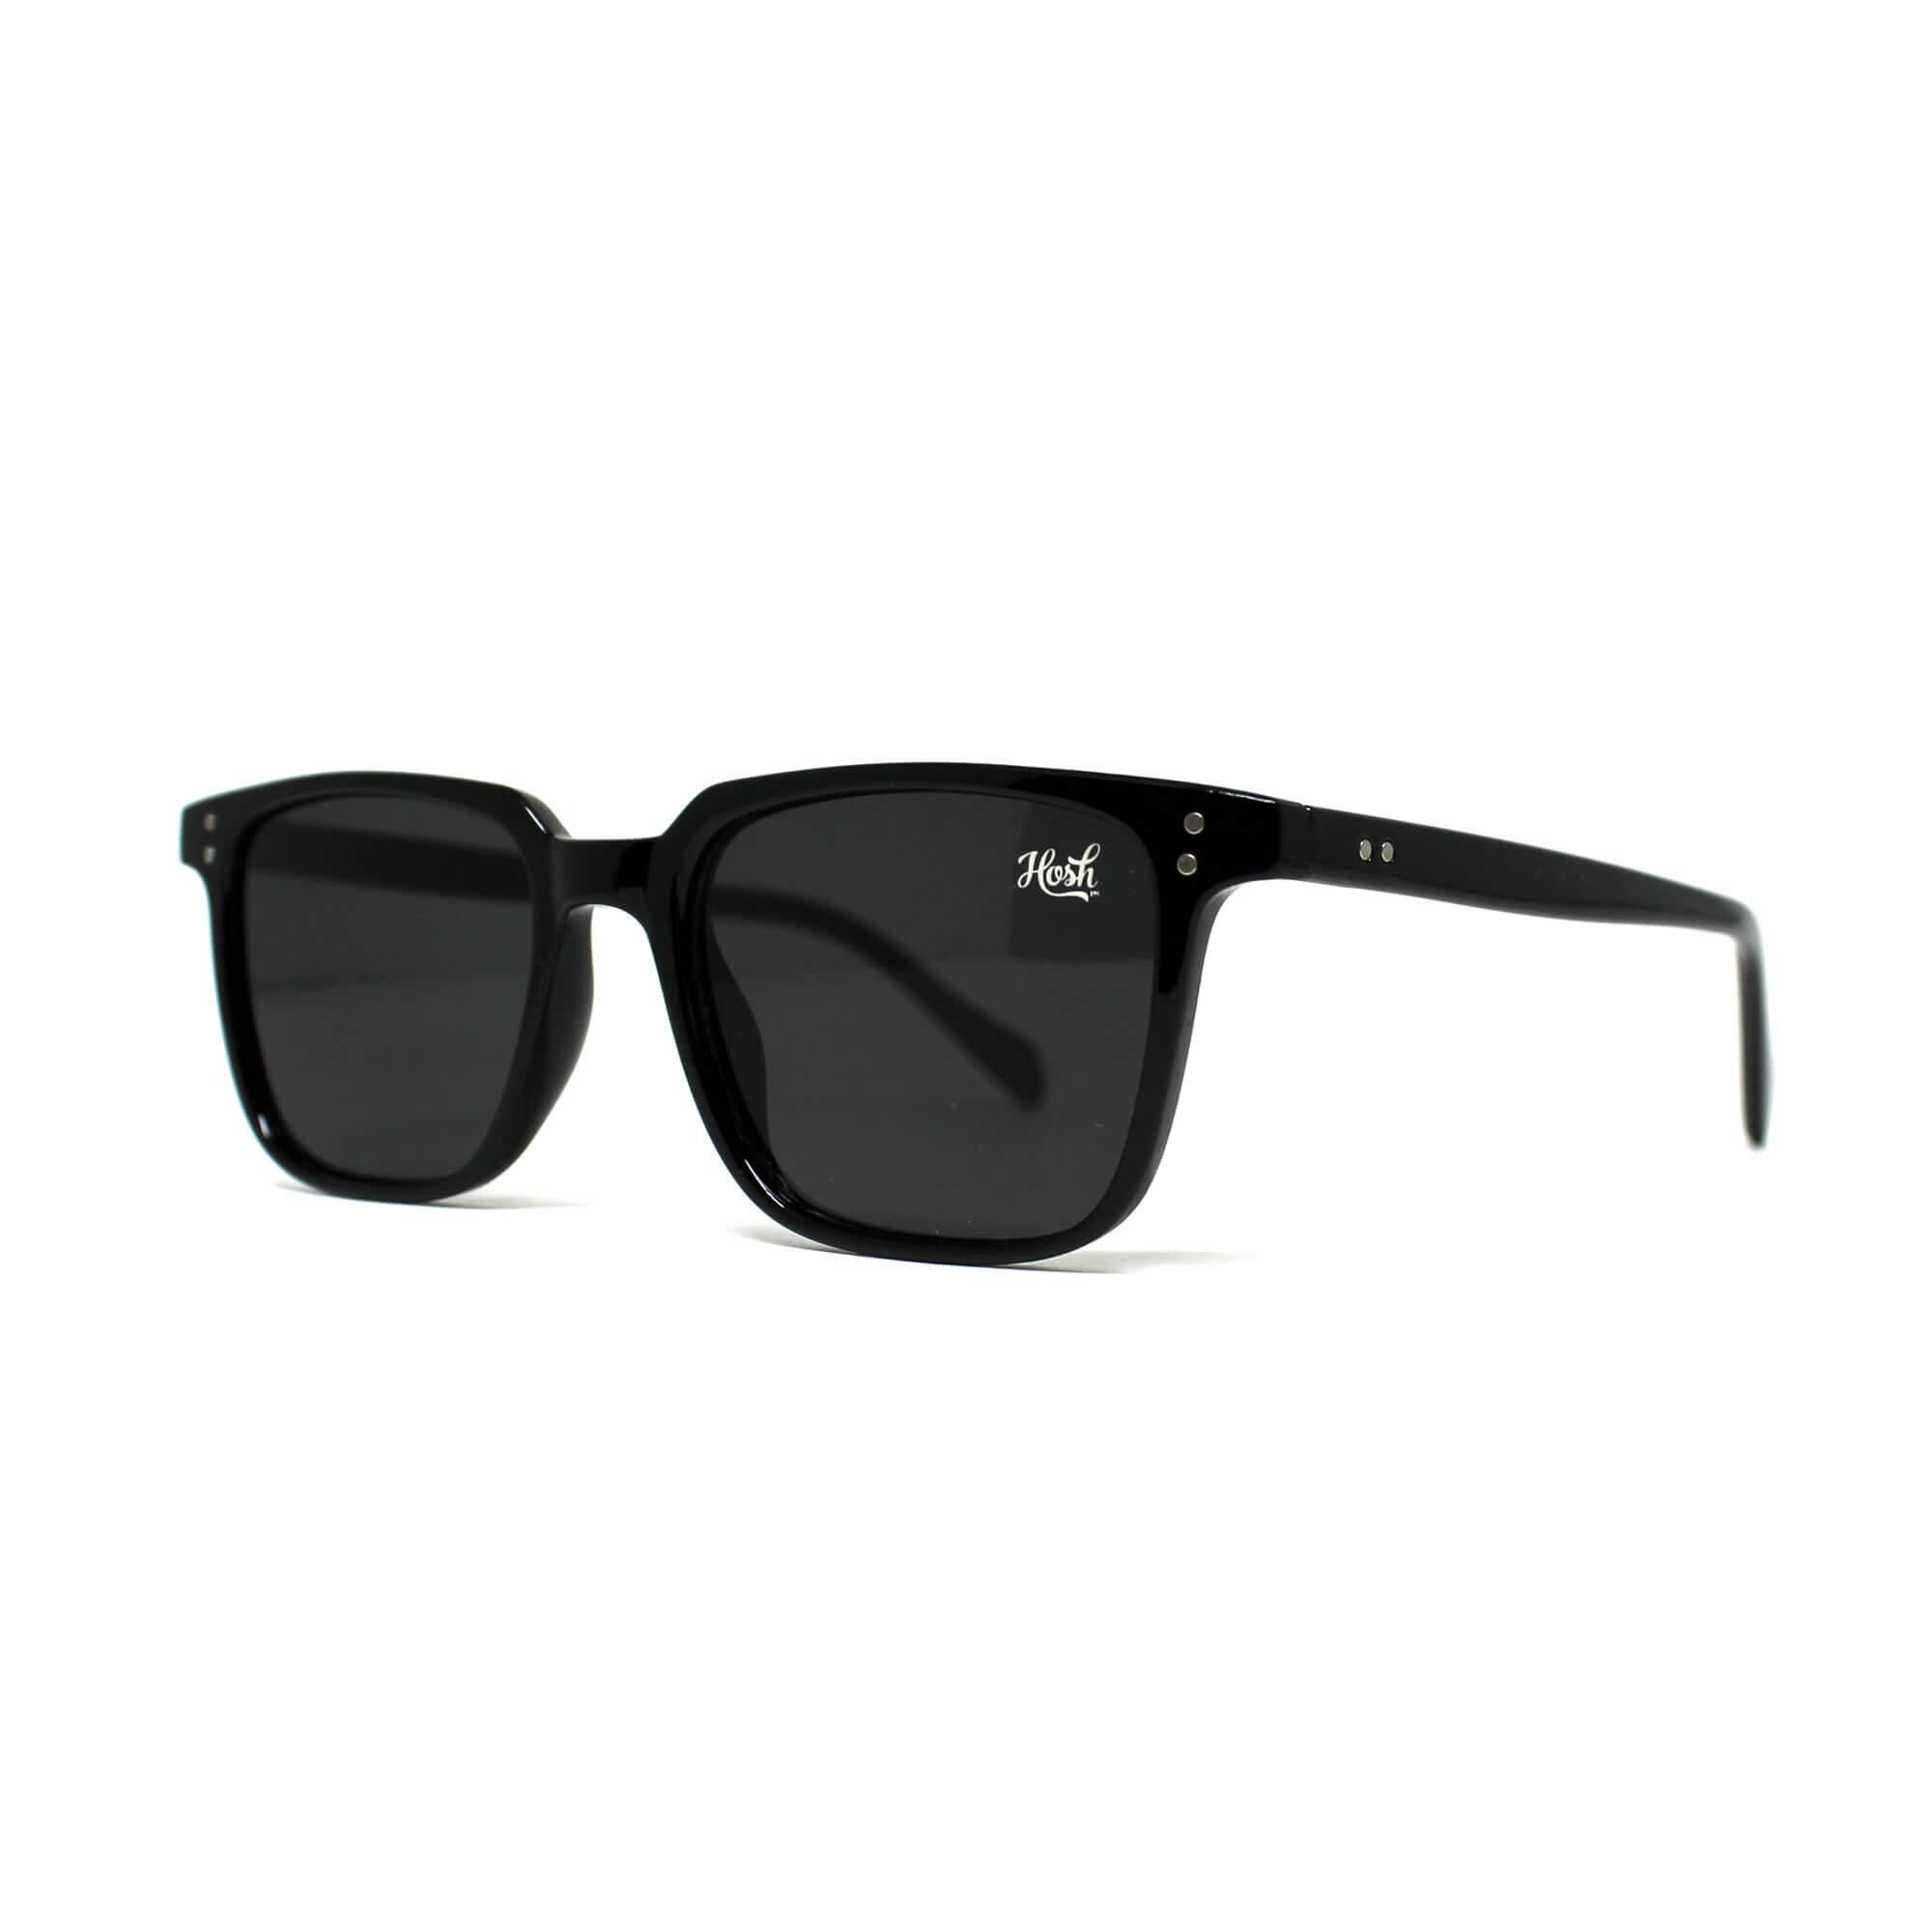 Óculos de Sol Hoshwear Slim Black Unissex